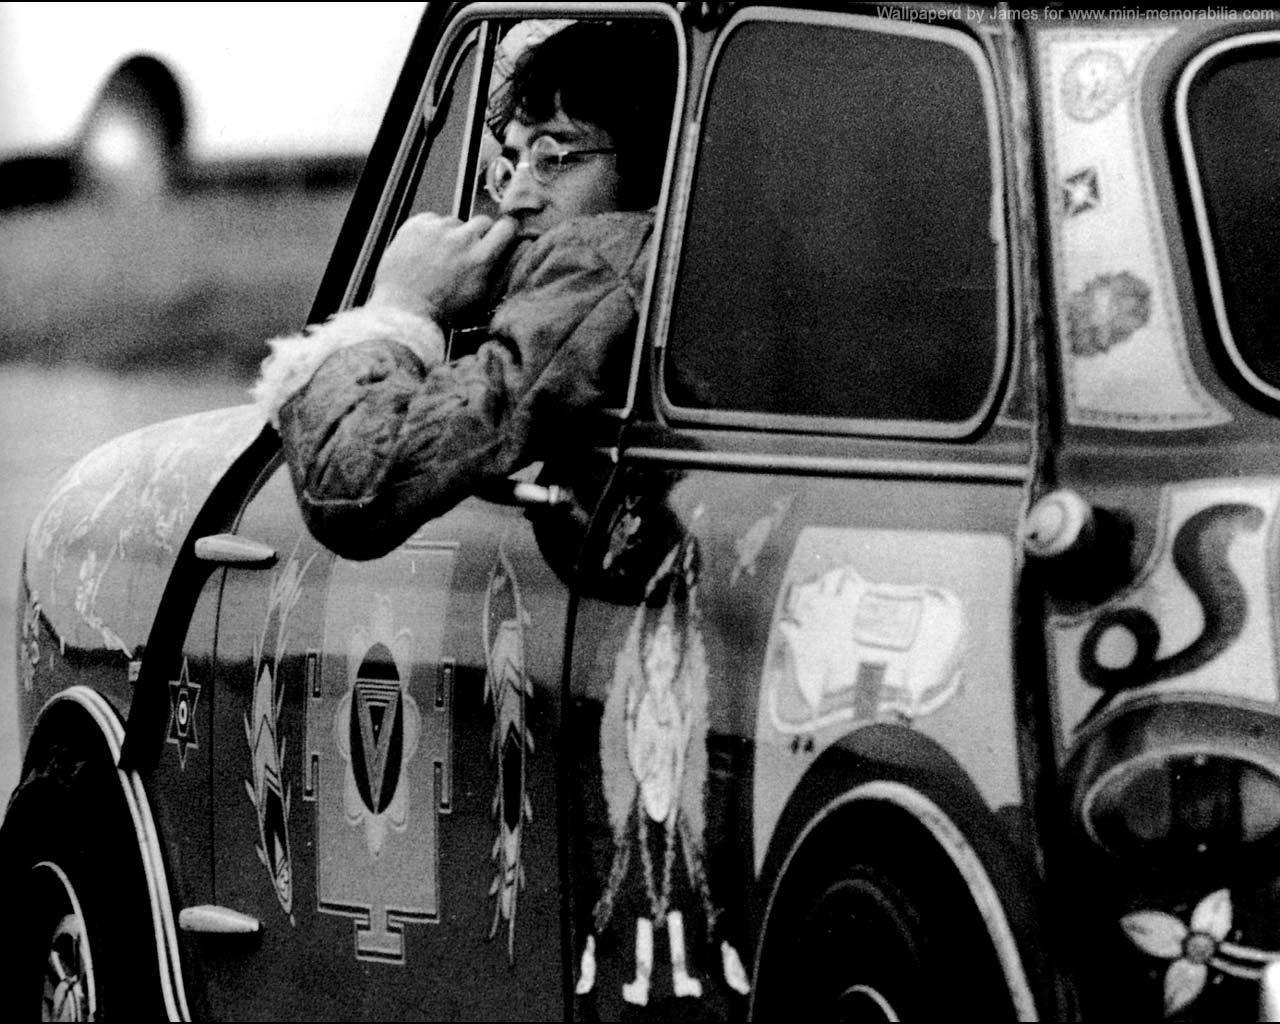 John Lennon Imagine 17 Widescreen Wallpaper